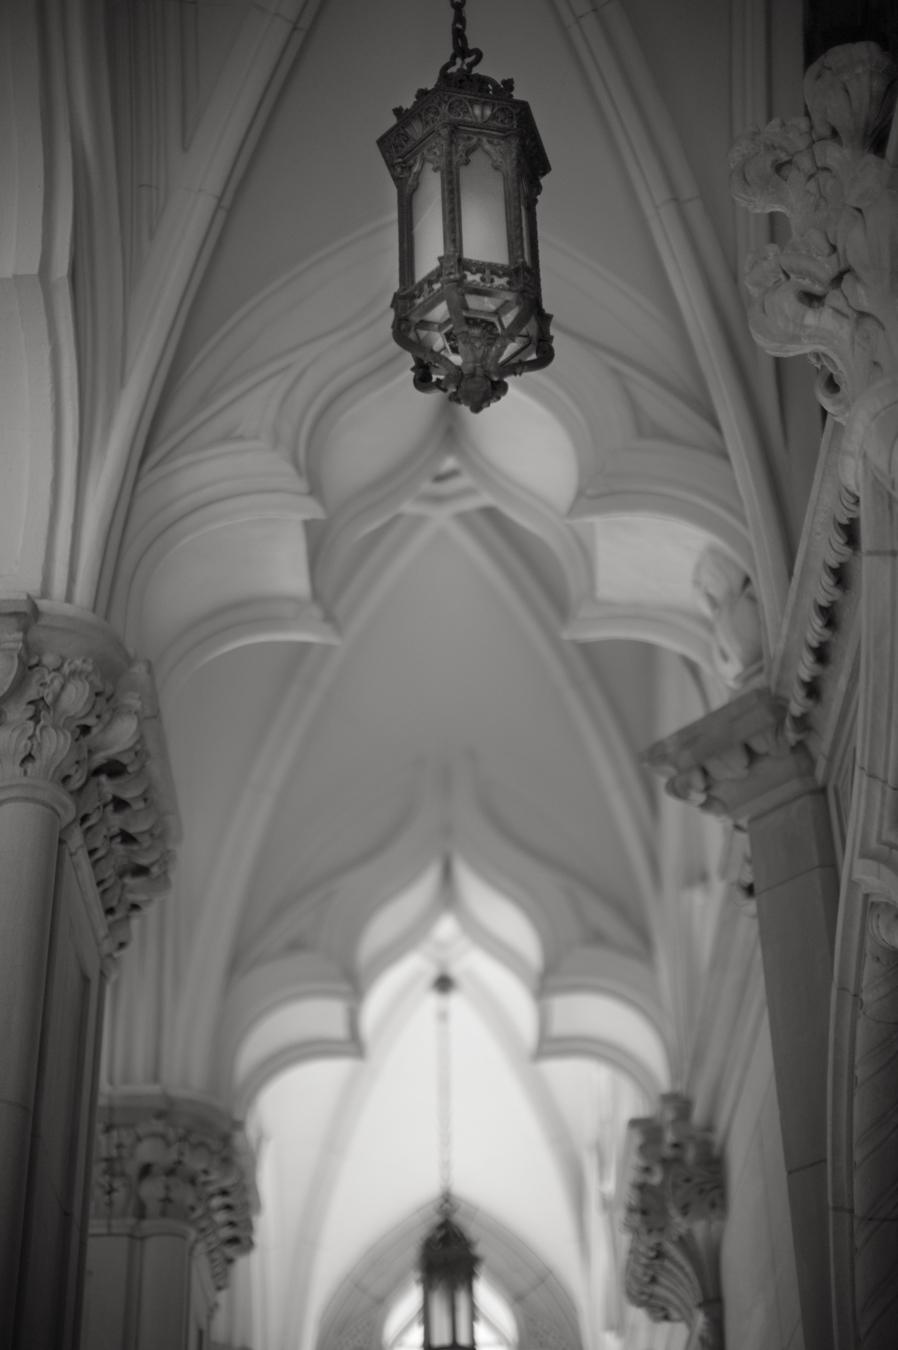 Faux gothic